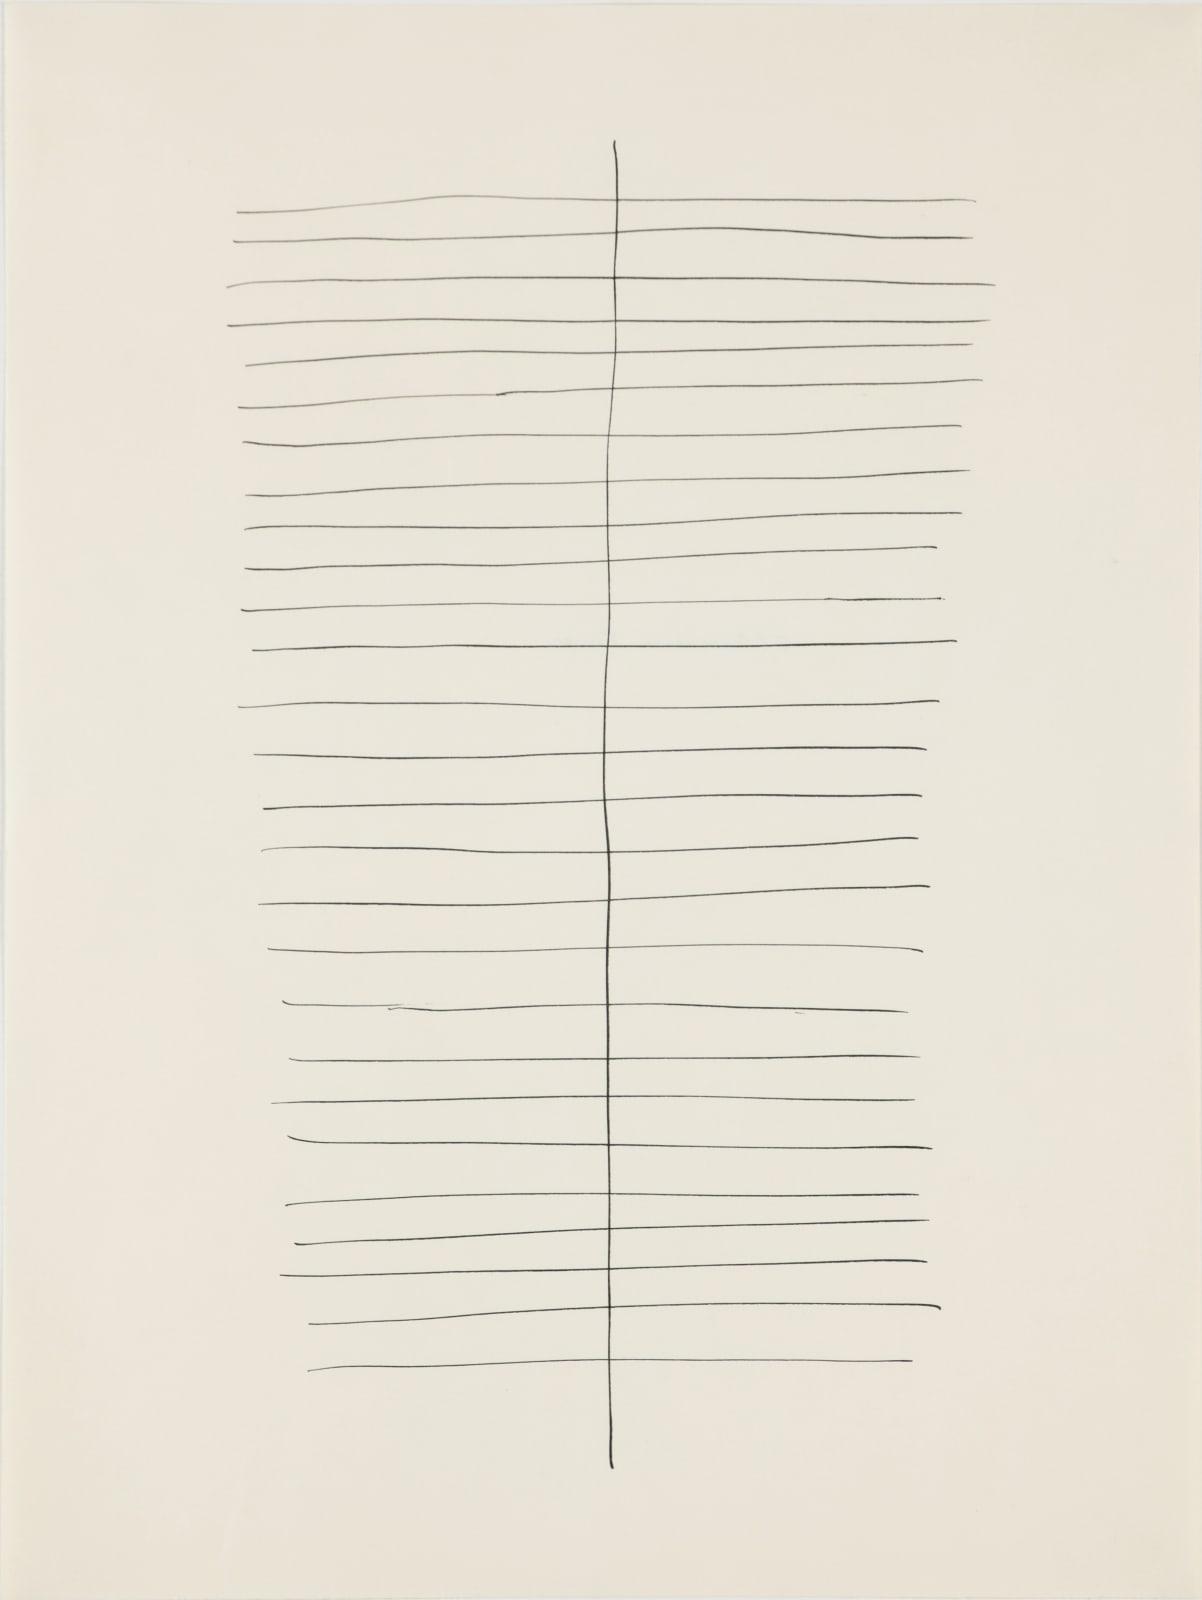 JAN SCHOONHOVEN, T 62-80, 1962